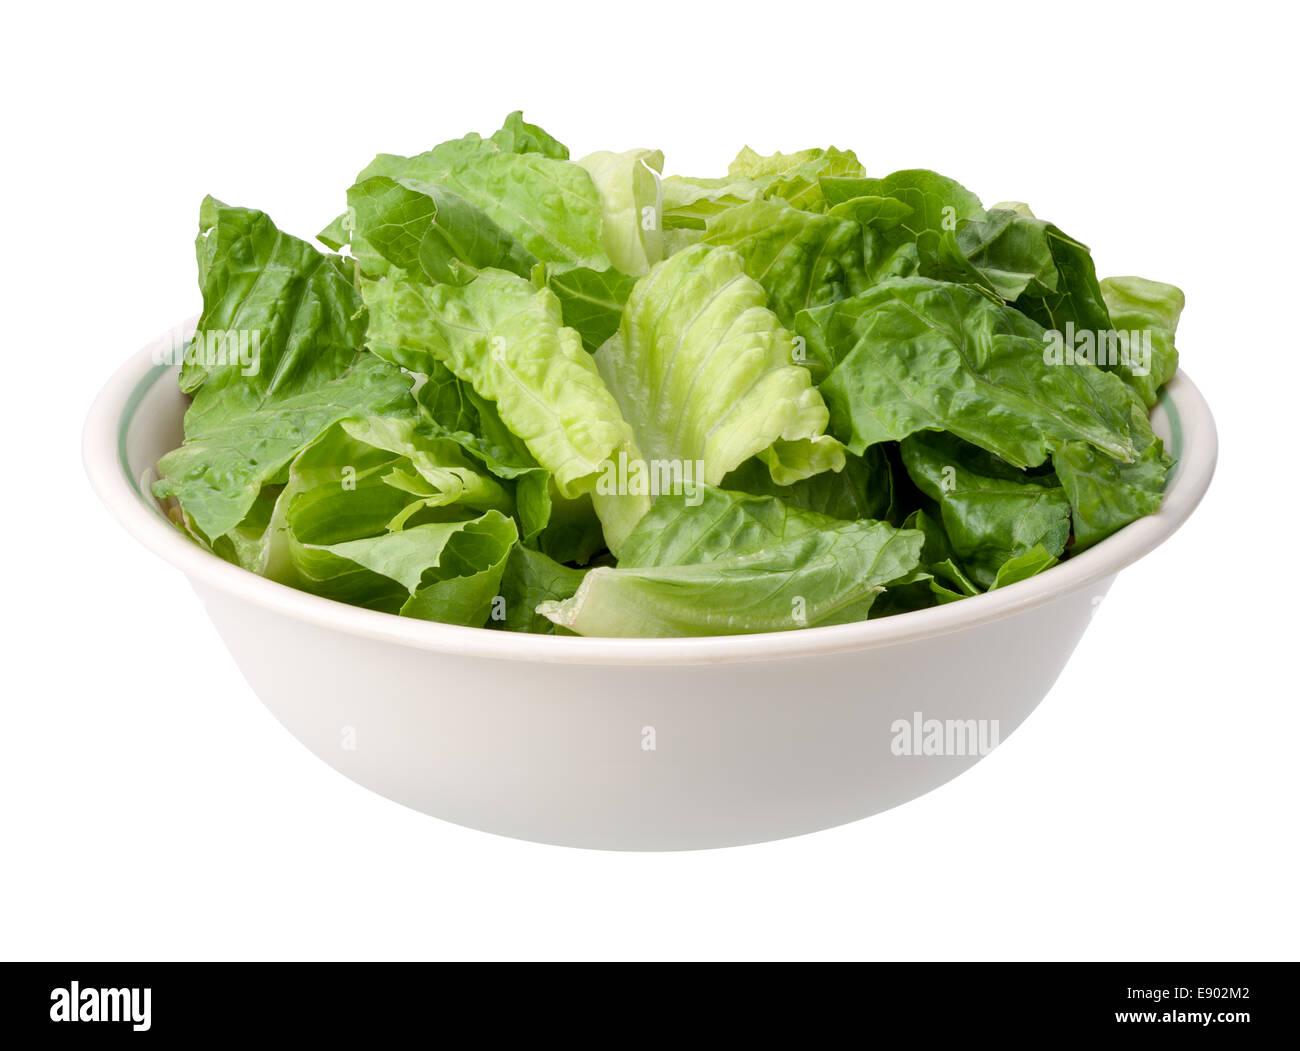 Romaine Salatschüssel isoliert auf einem weißen Hintergrund. Stockfoto